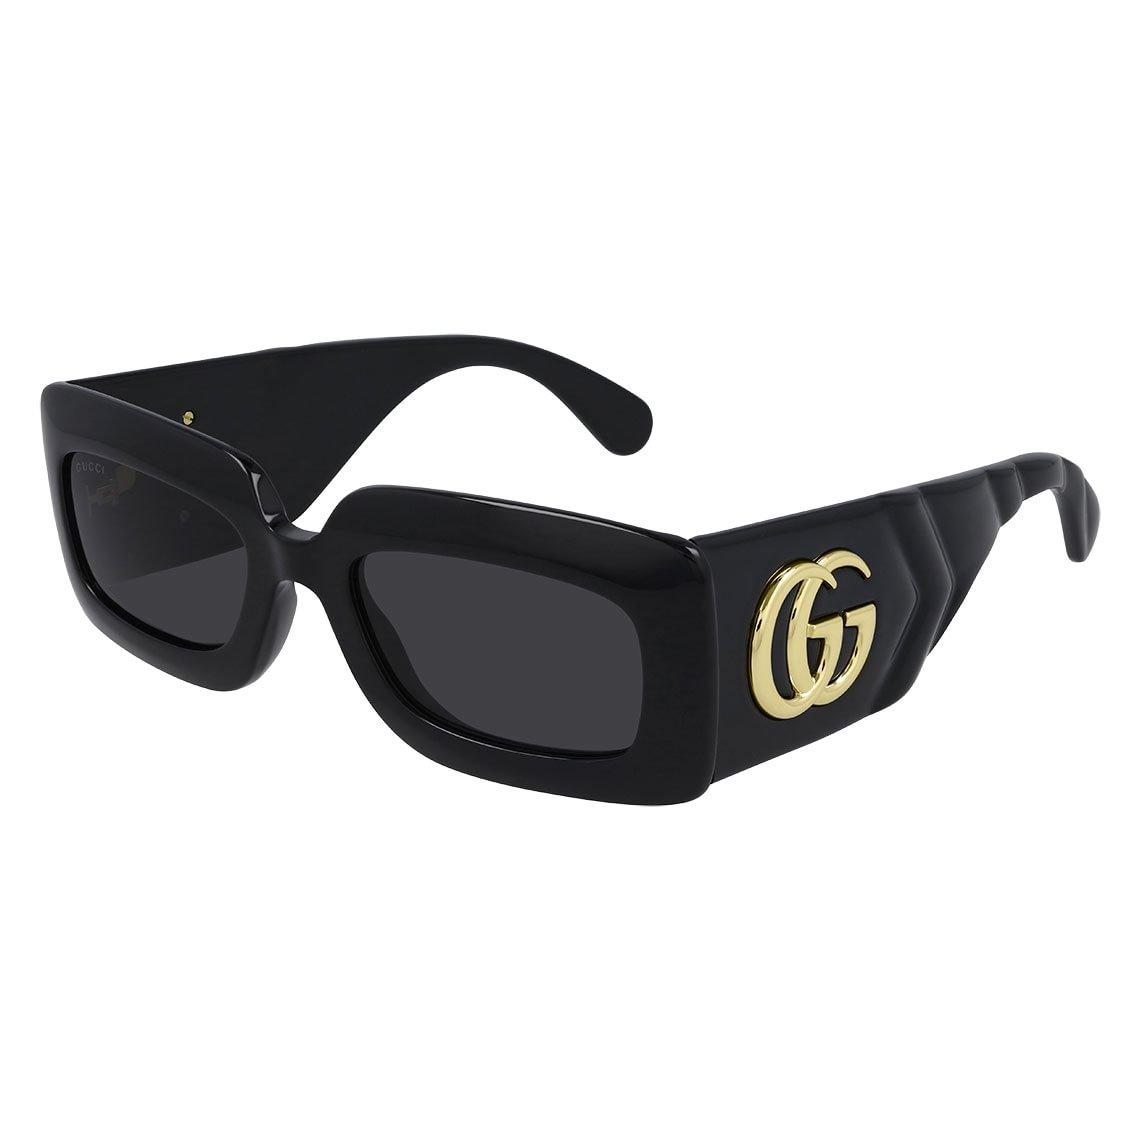 Gucci GG 0811S 001 5321